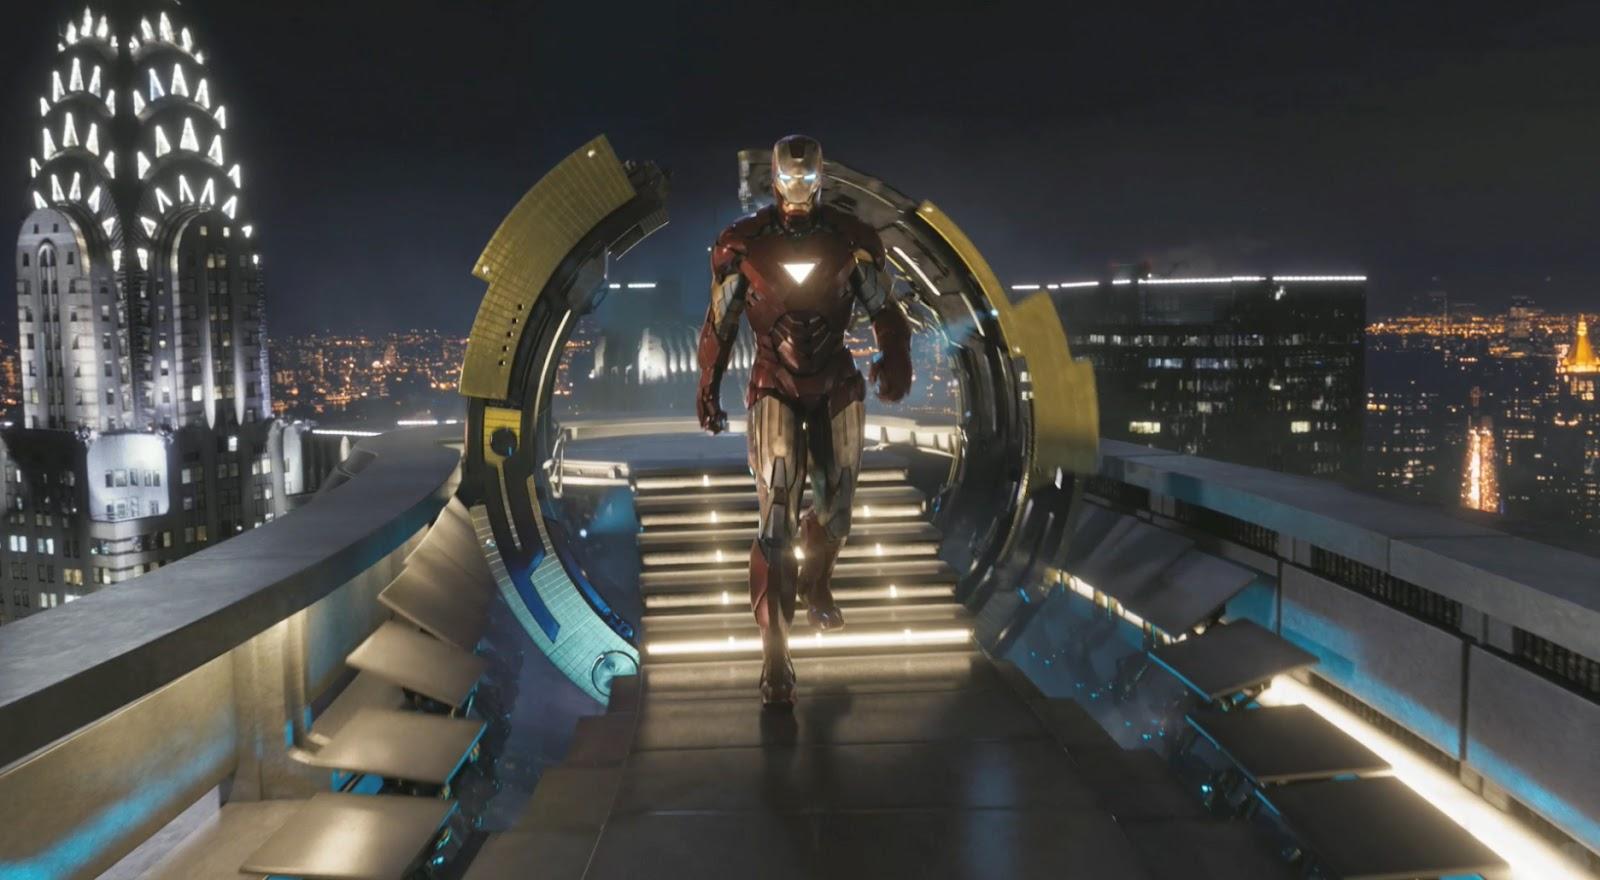 http://2.bp.blogspot.com/-LsU5d95v7vY/T7H8YRJJV6I/AAAAAAAAN38/ckLSCbDf9MA/s1600/Robert-Downey-Jr-The-Avengers-Iron-Man-5.jpg